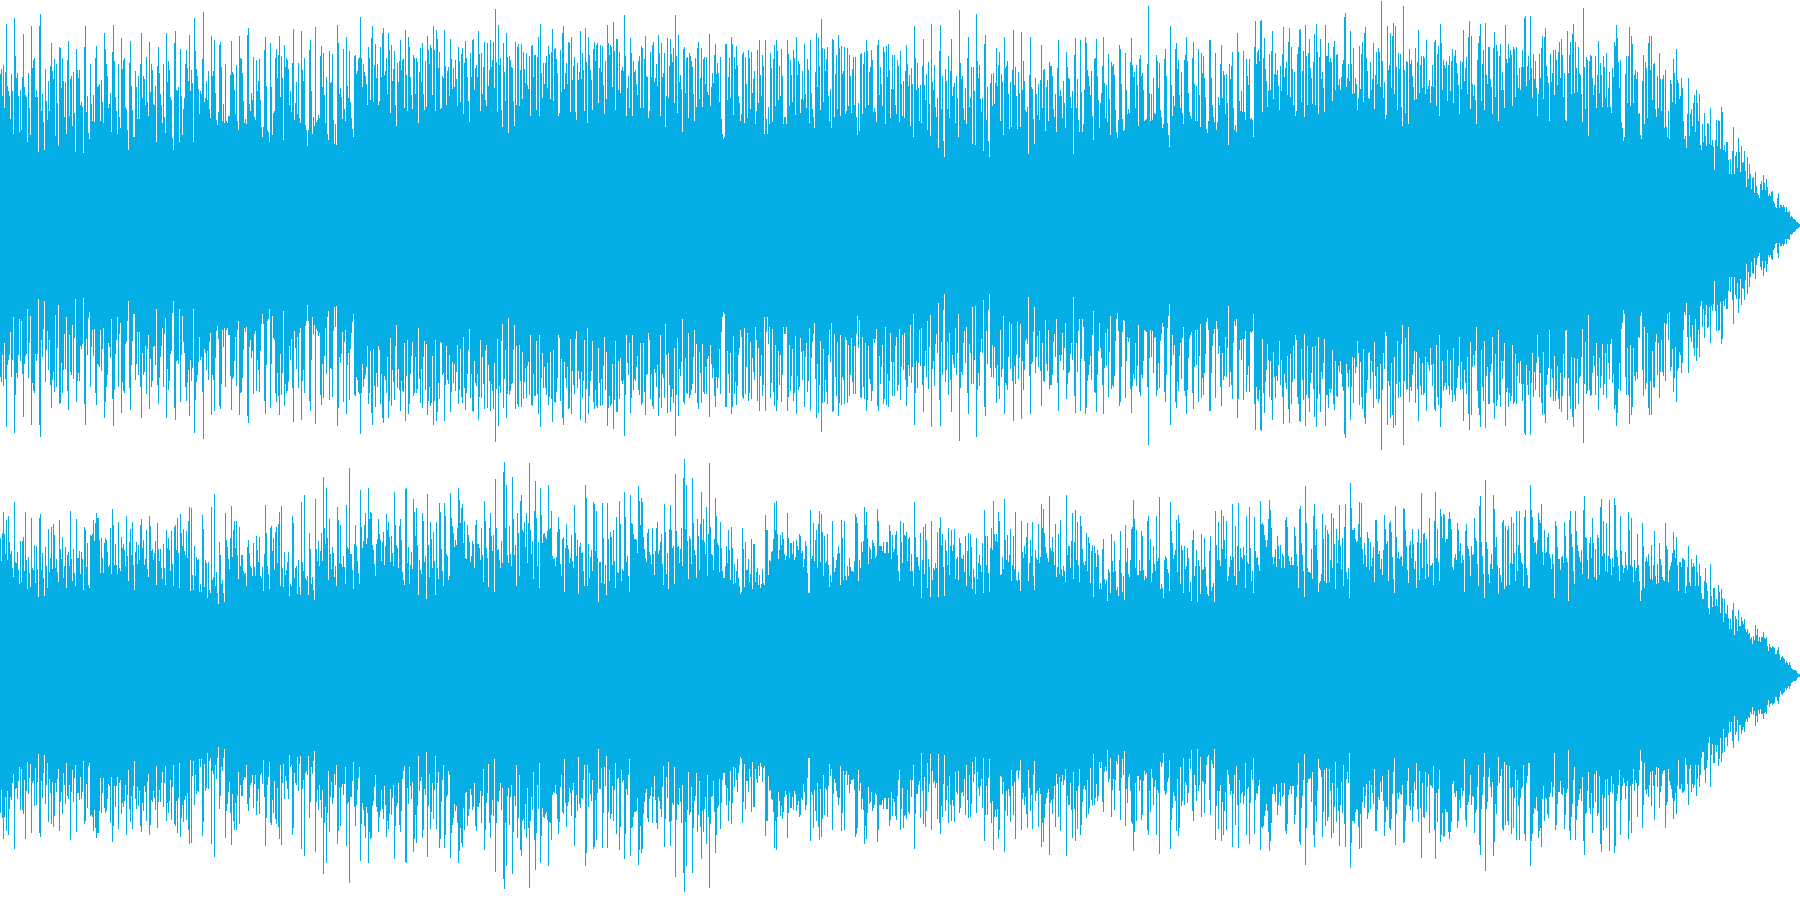 ファンタジーRPGの戦闘シーンをイメー…の再生済みの波形